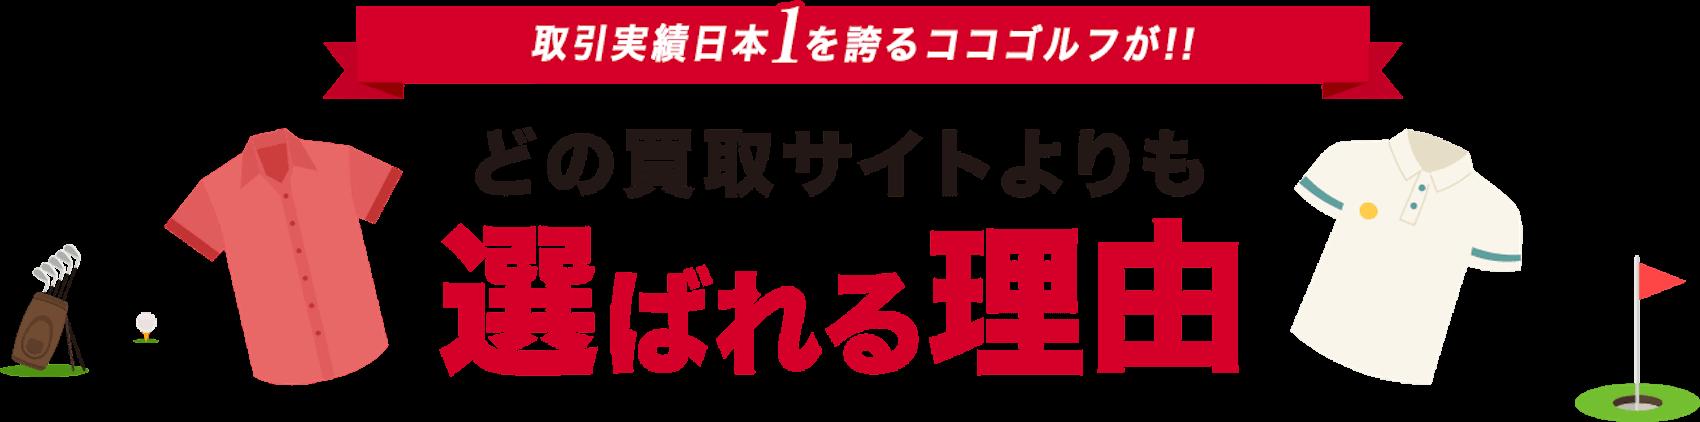 取引実績日本1を誇るCOCO GOLFが!!どの買取サイトよりも選ばれる理由